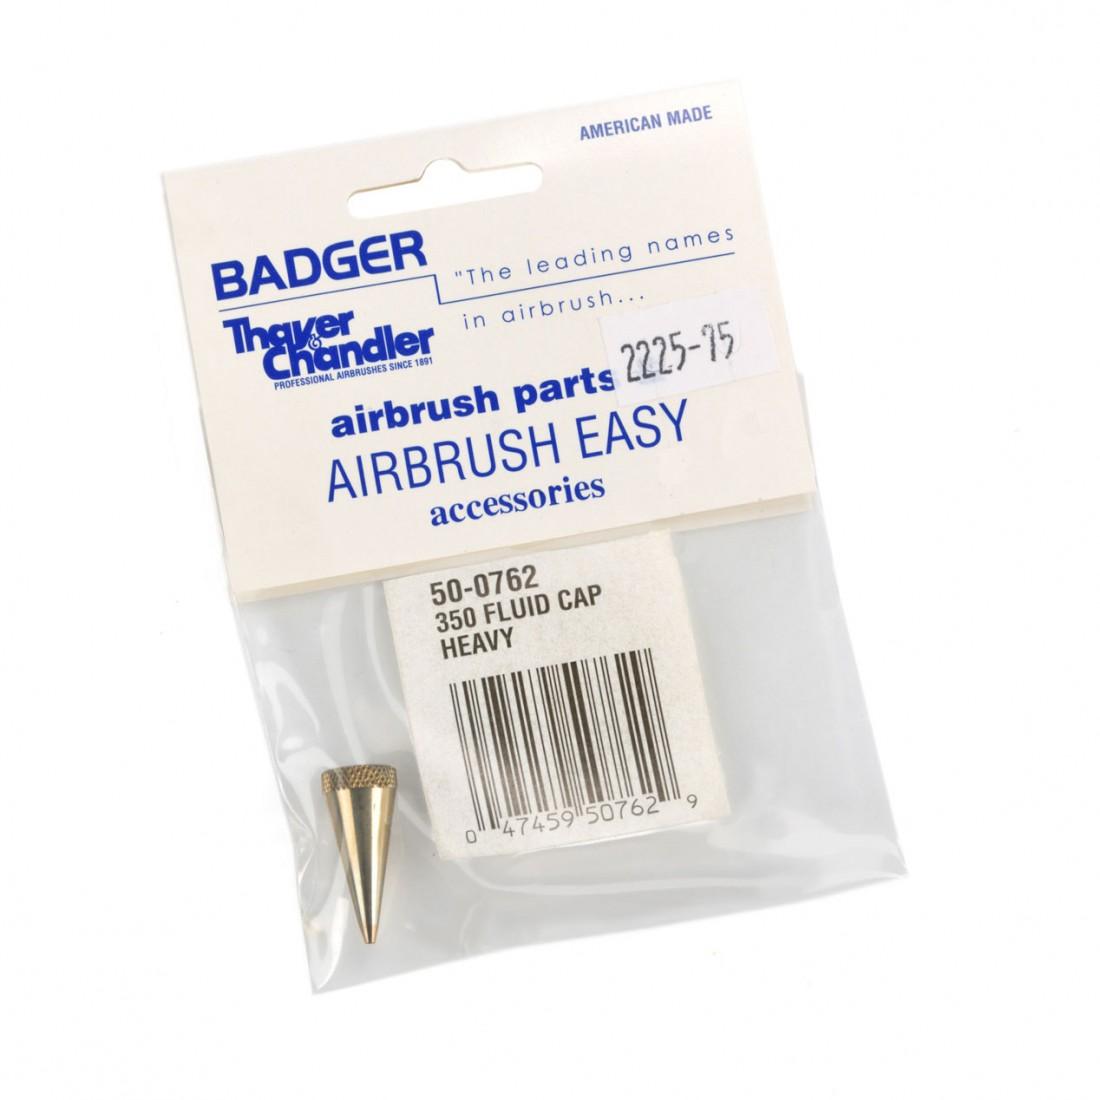 Badger 50-0762